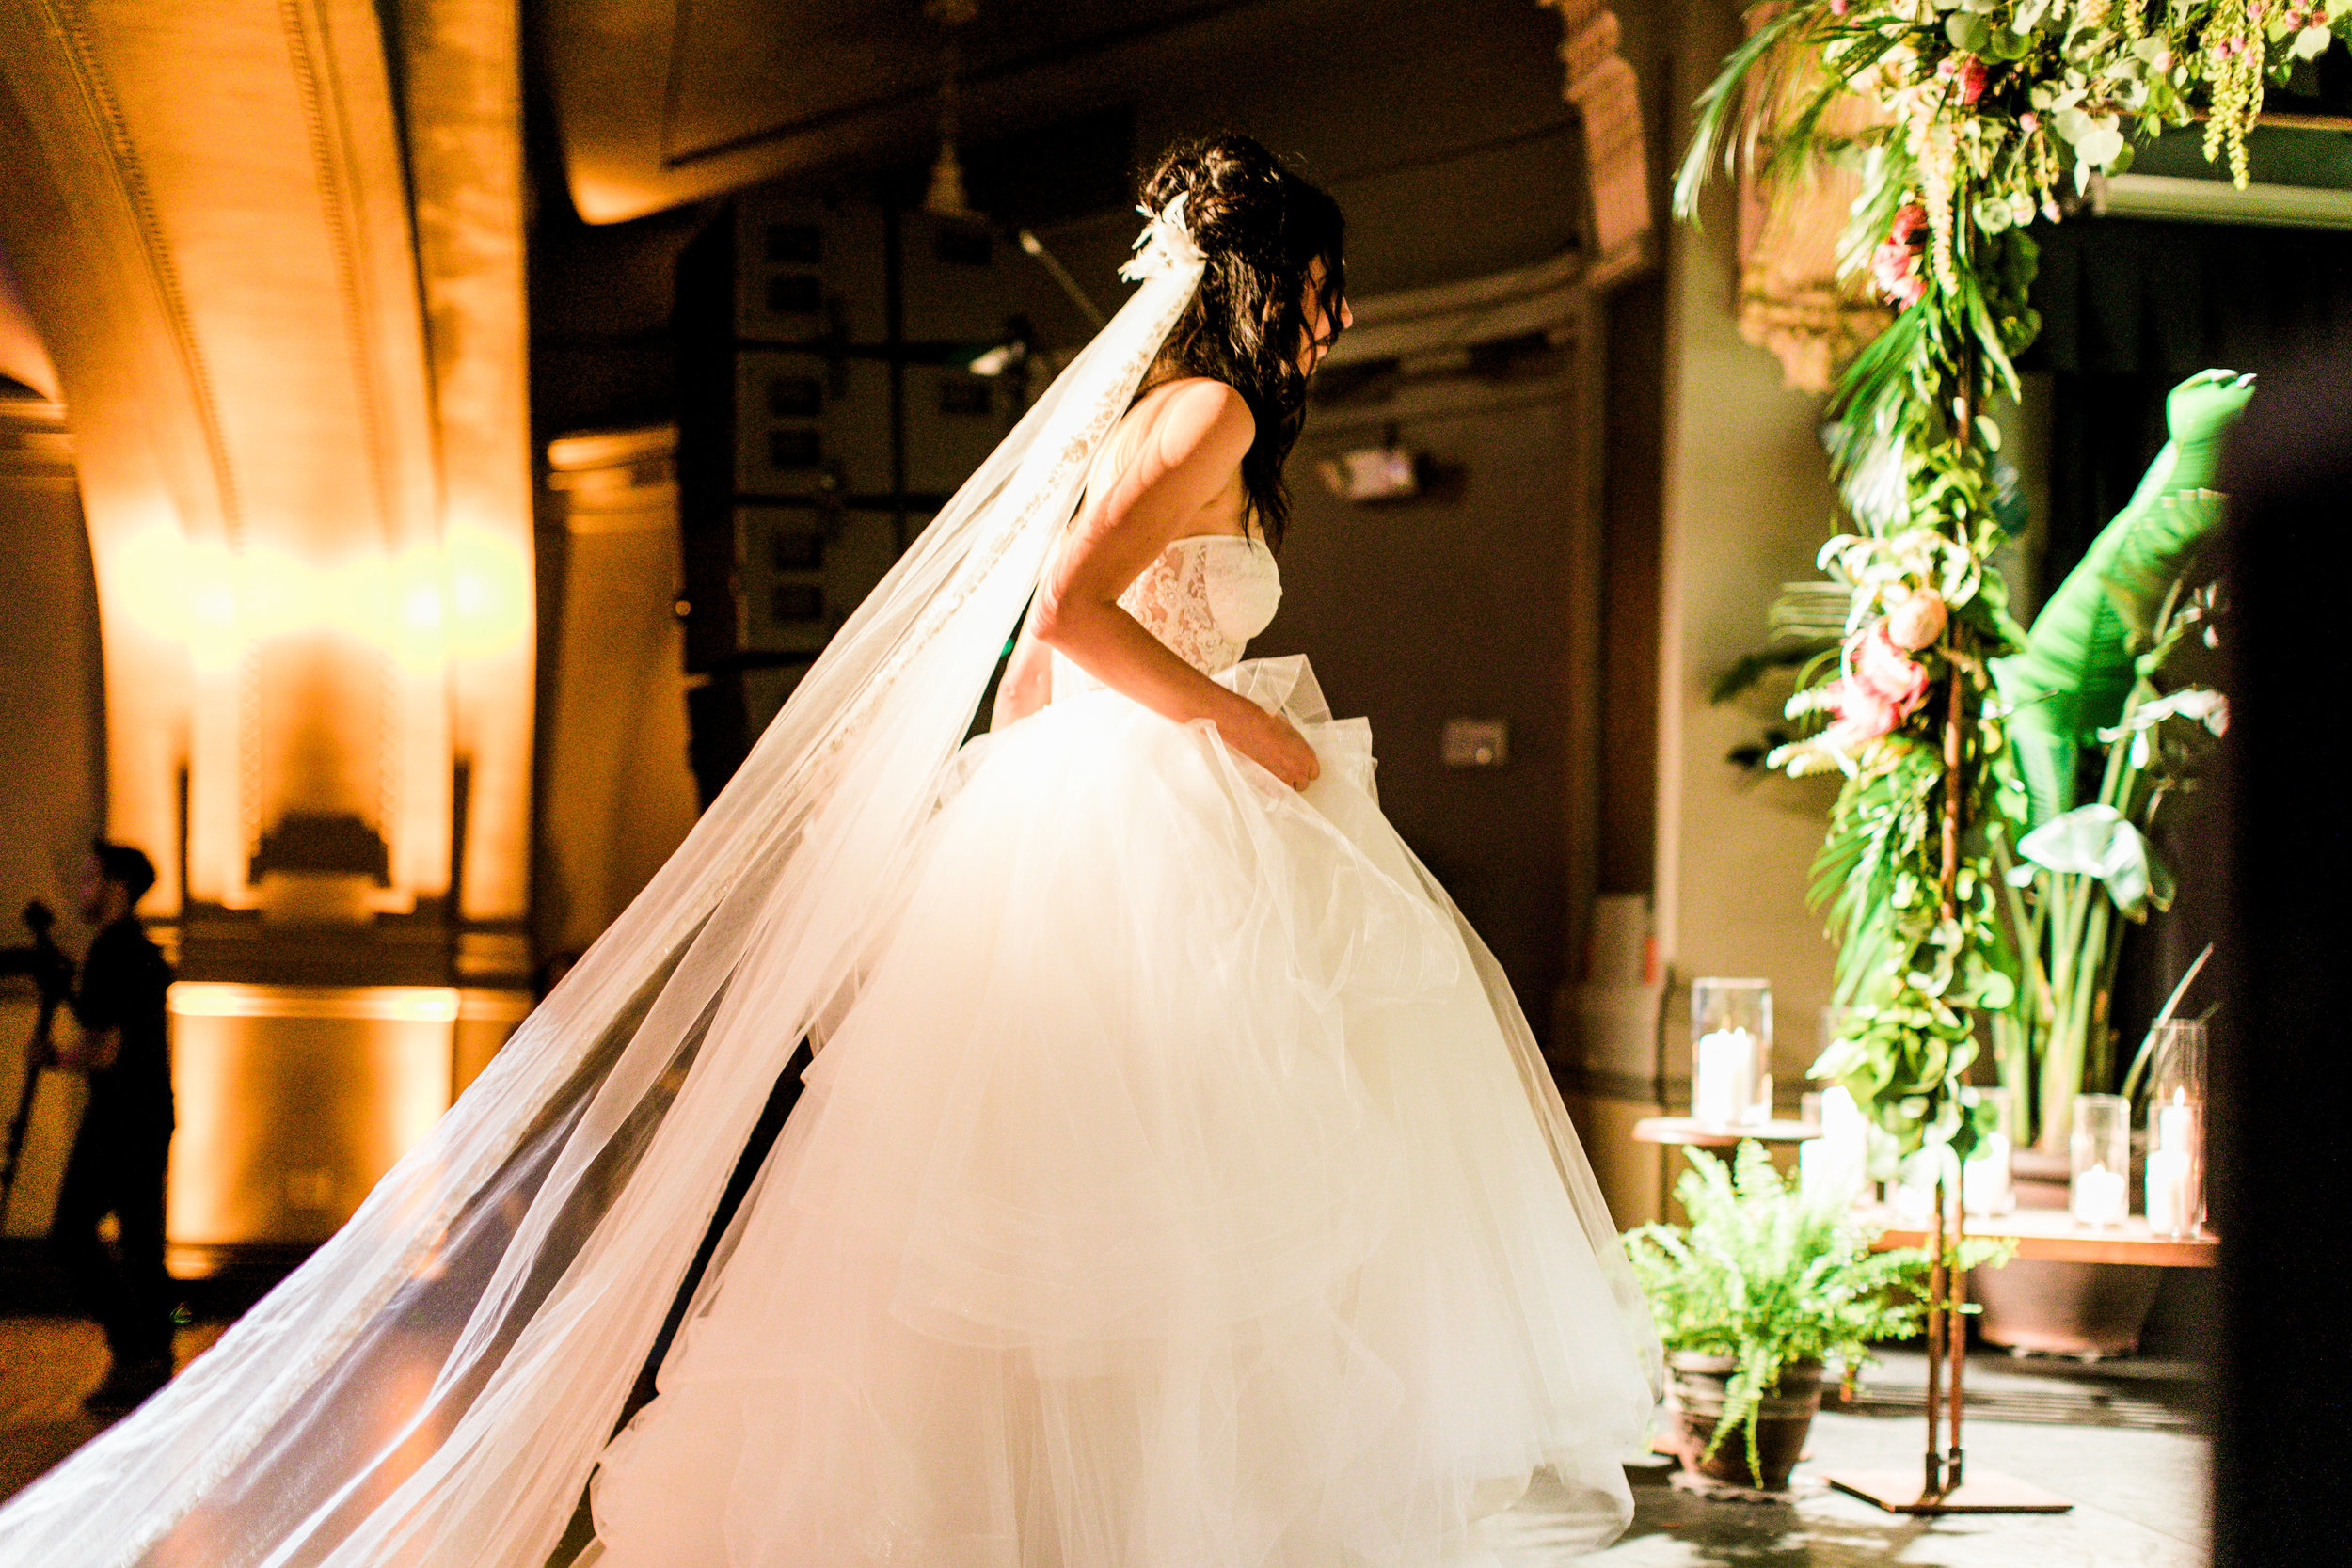 Phillip-Kari-Wedding-ROQUE-Events-Finch-Photo38.jpg